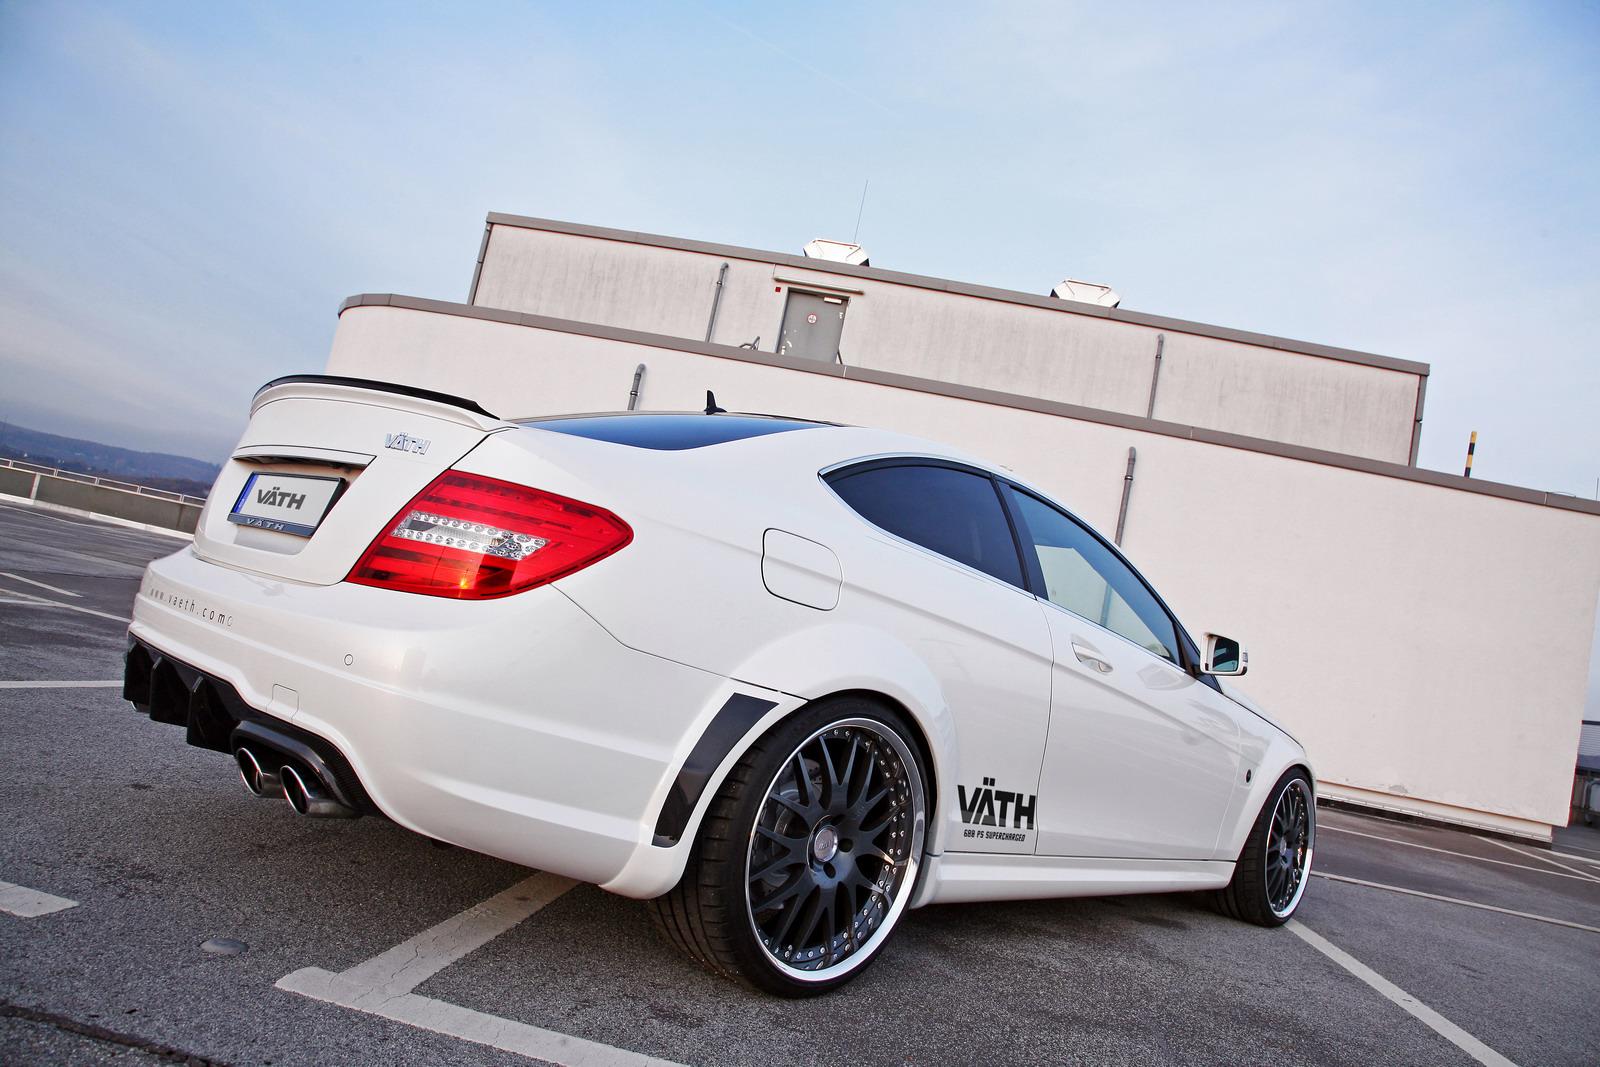 VATH V63 Supercharged aneb vyladěný Mercedes C63 AMG 4